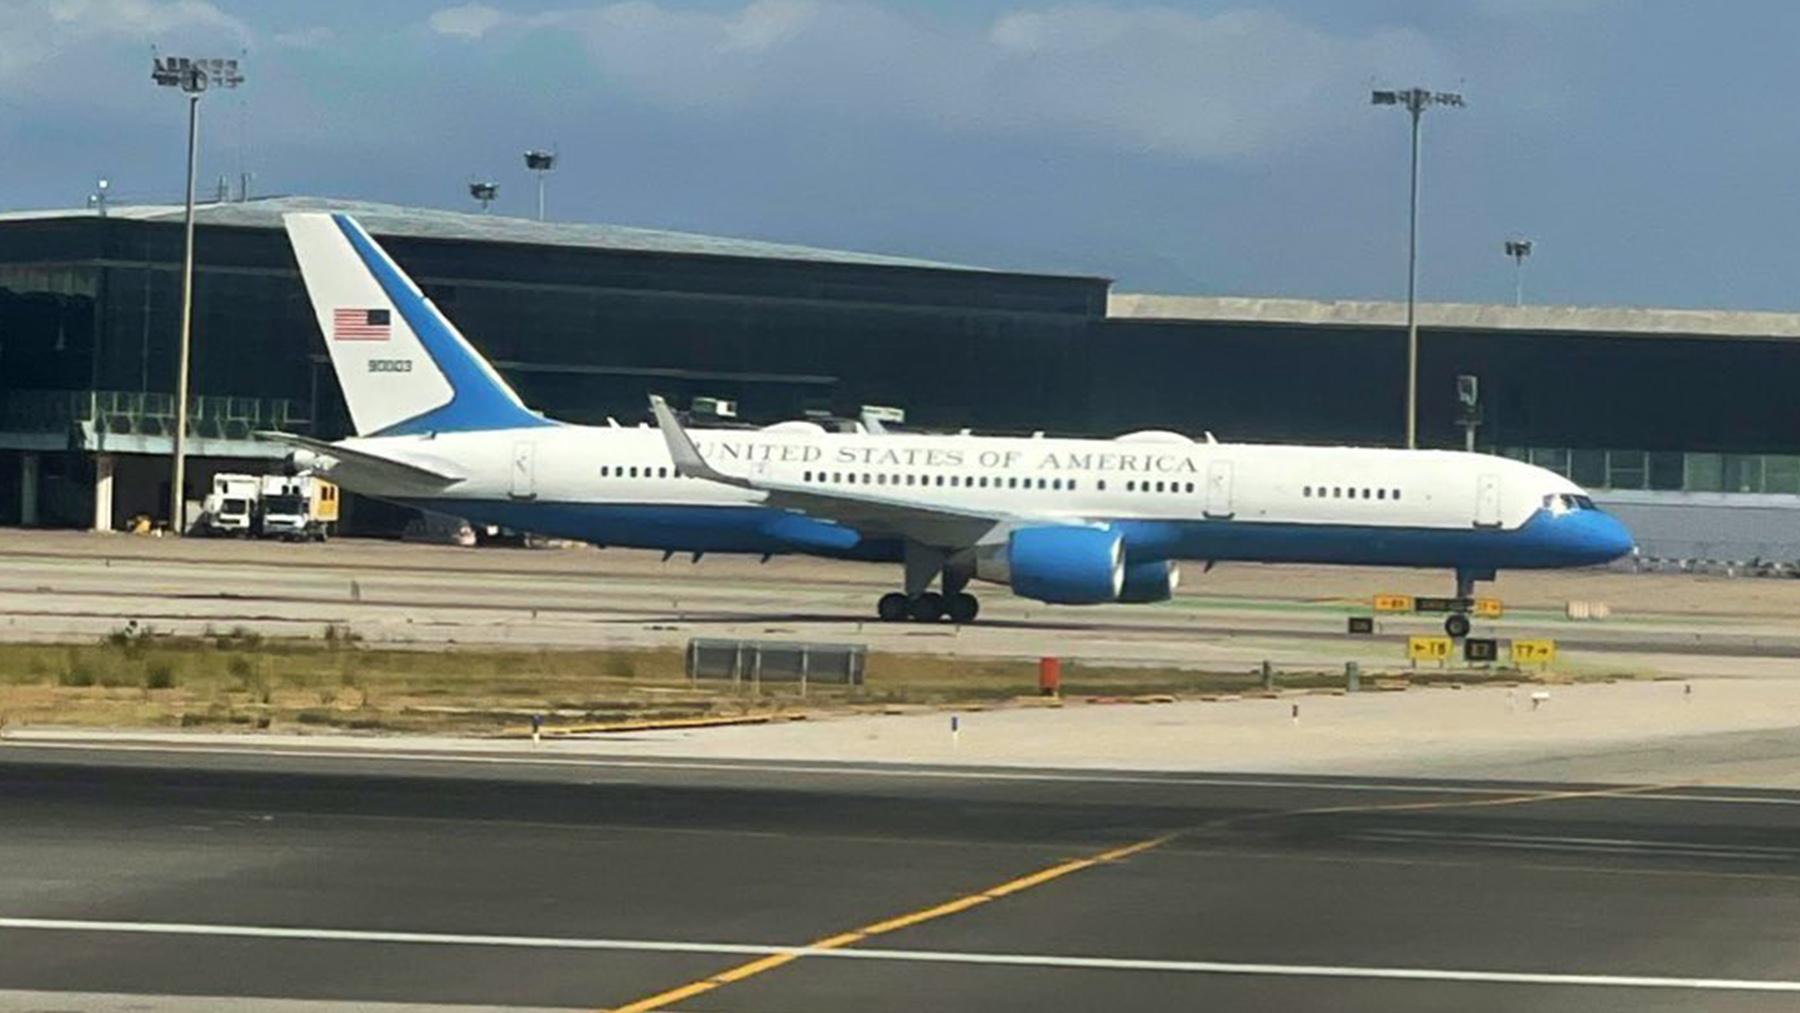 El Air Force Two en el aeropuerto de El Prat.